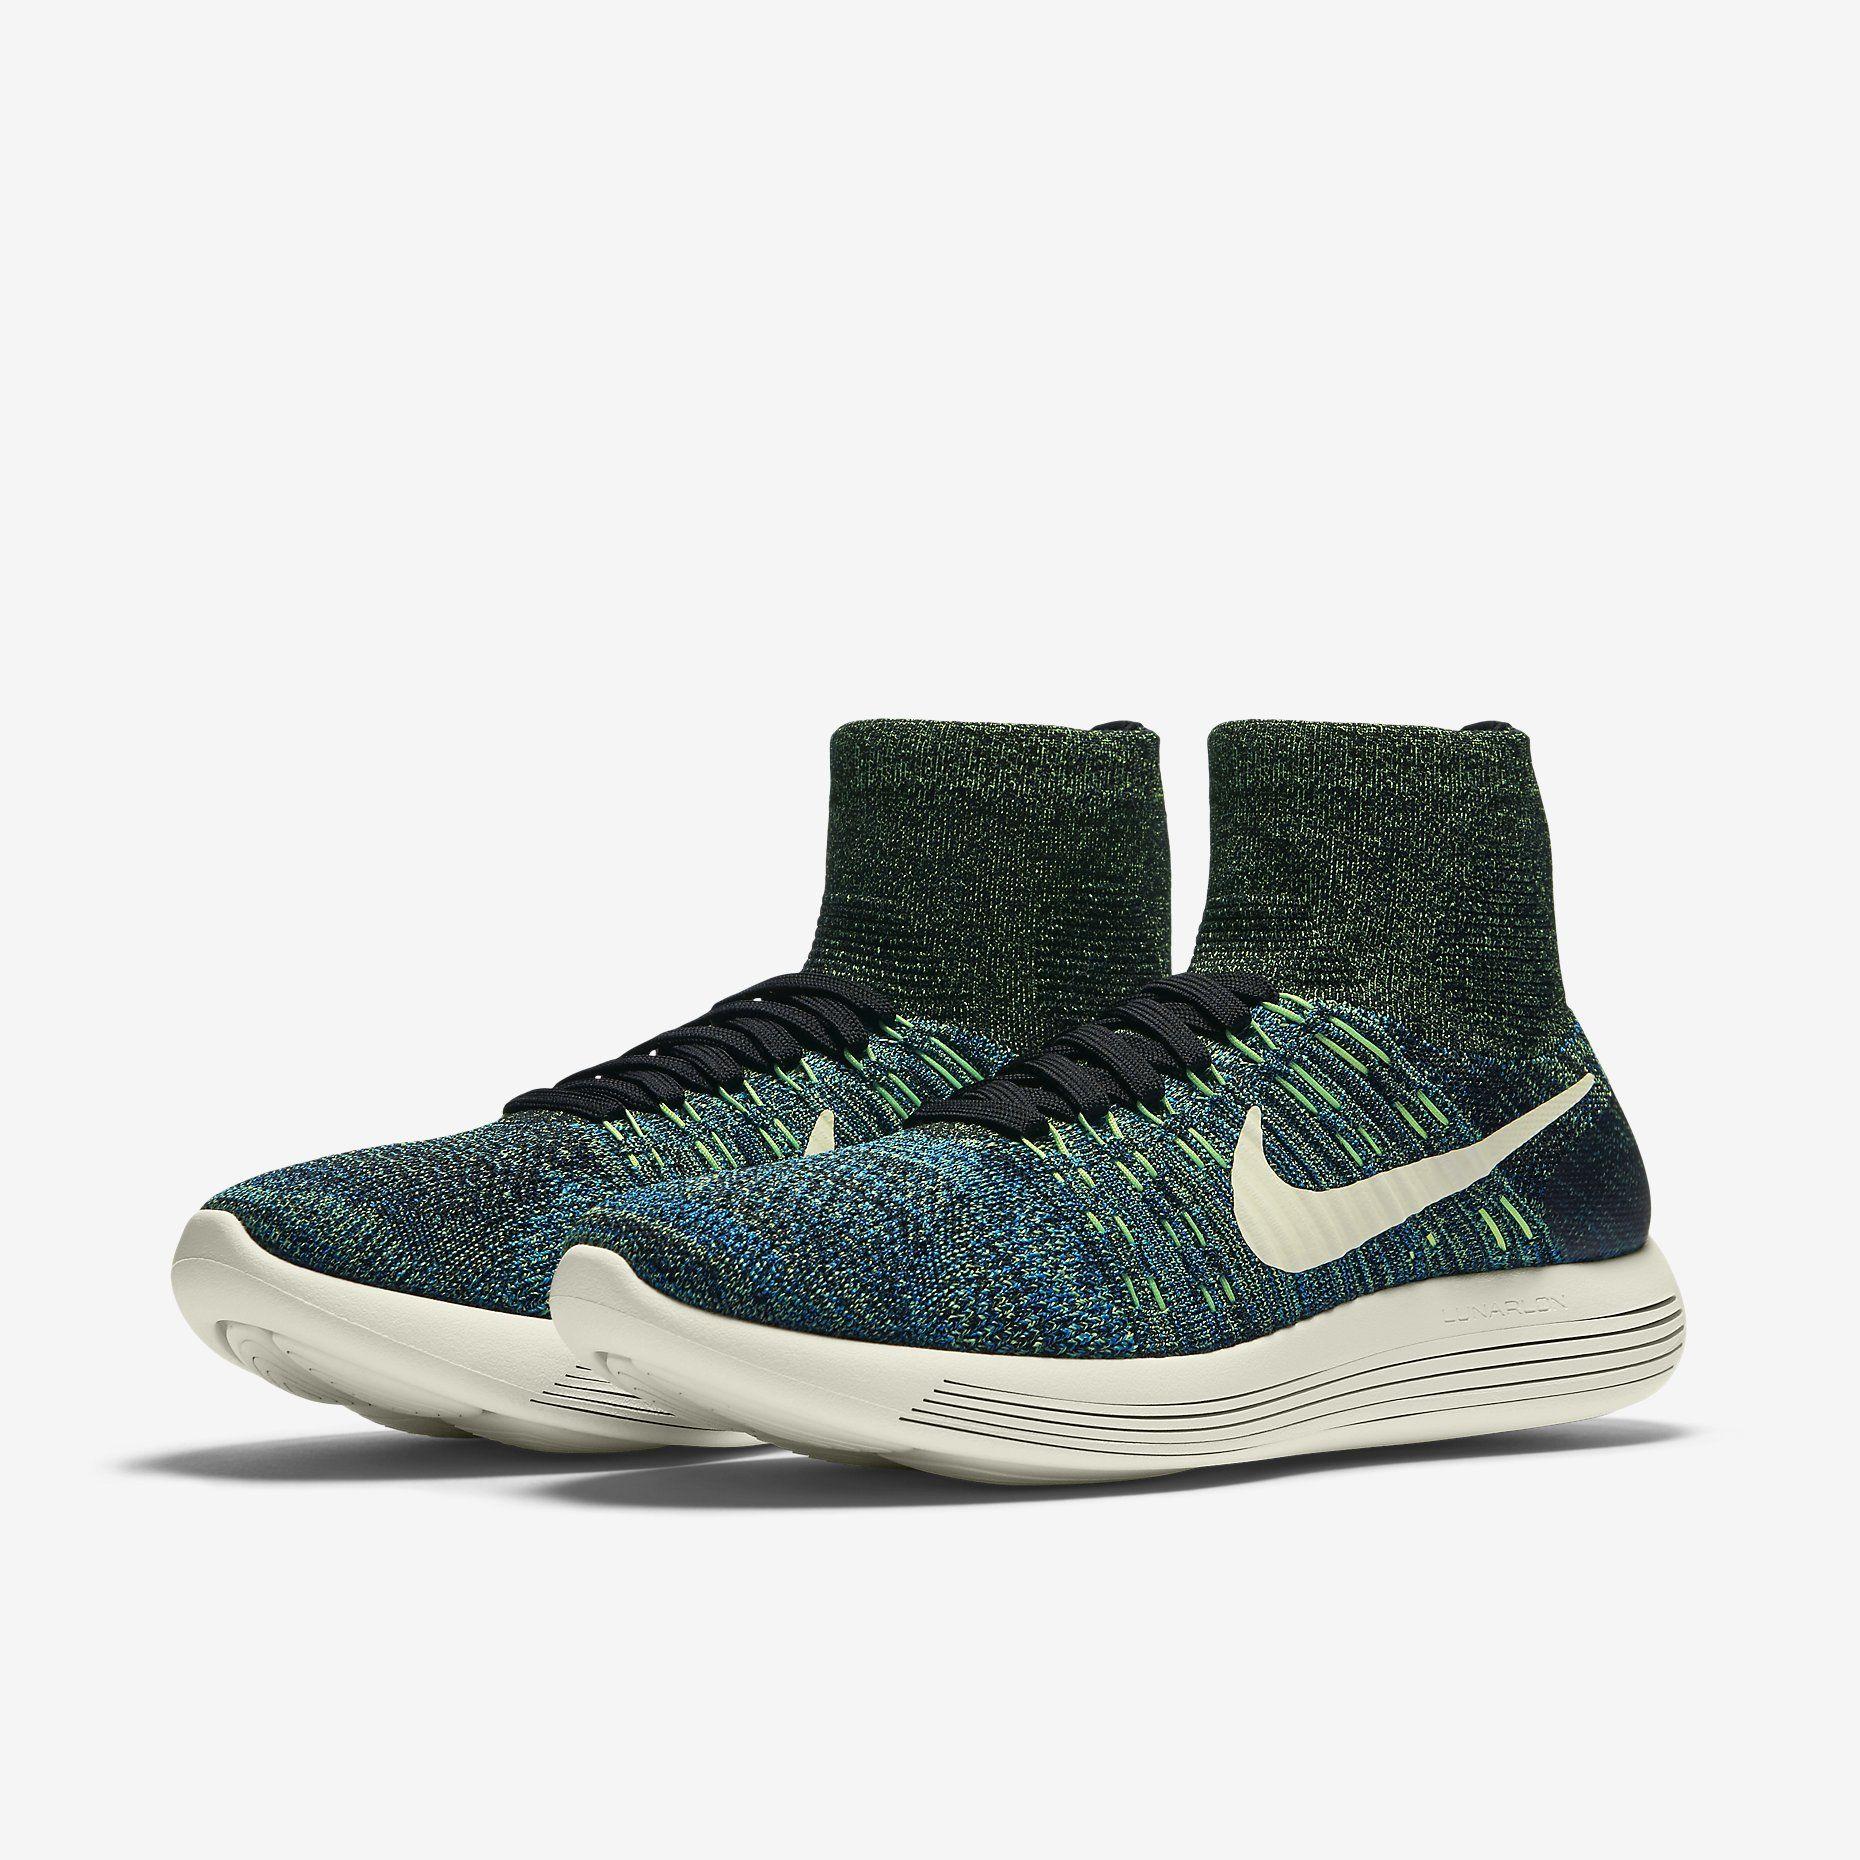 on sale a12f3 e5b80 Nike LunarEpic Flyknit